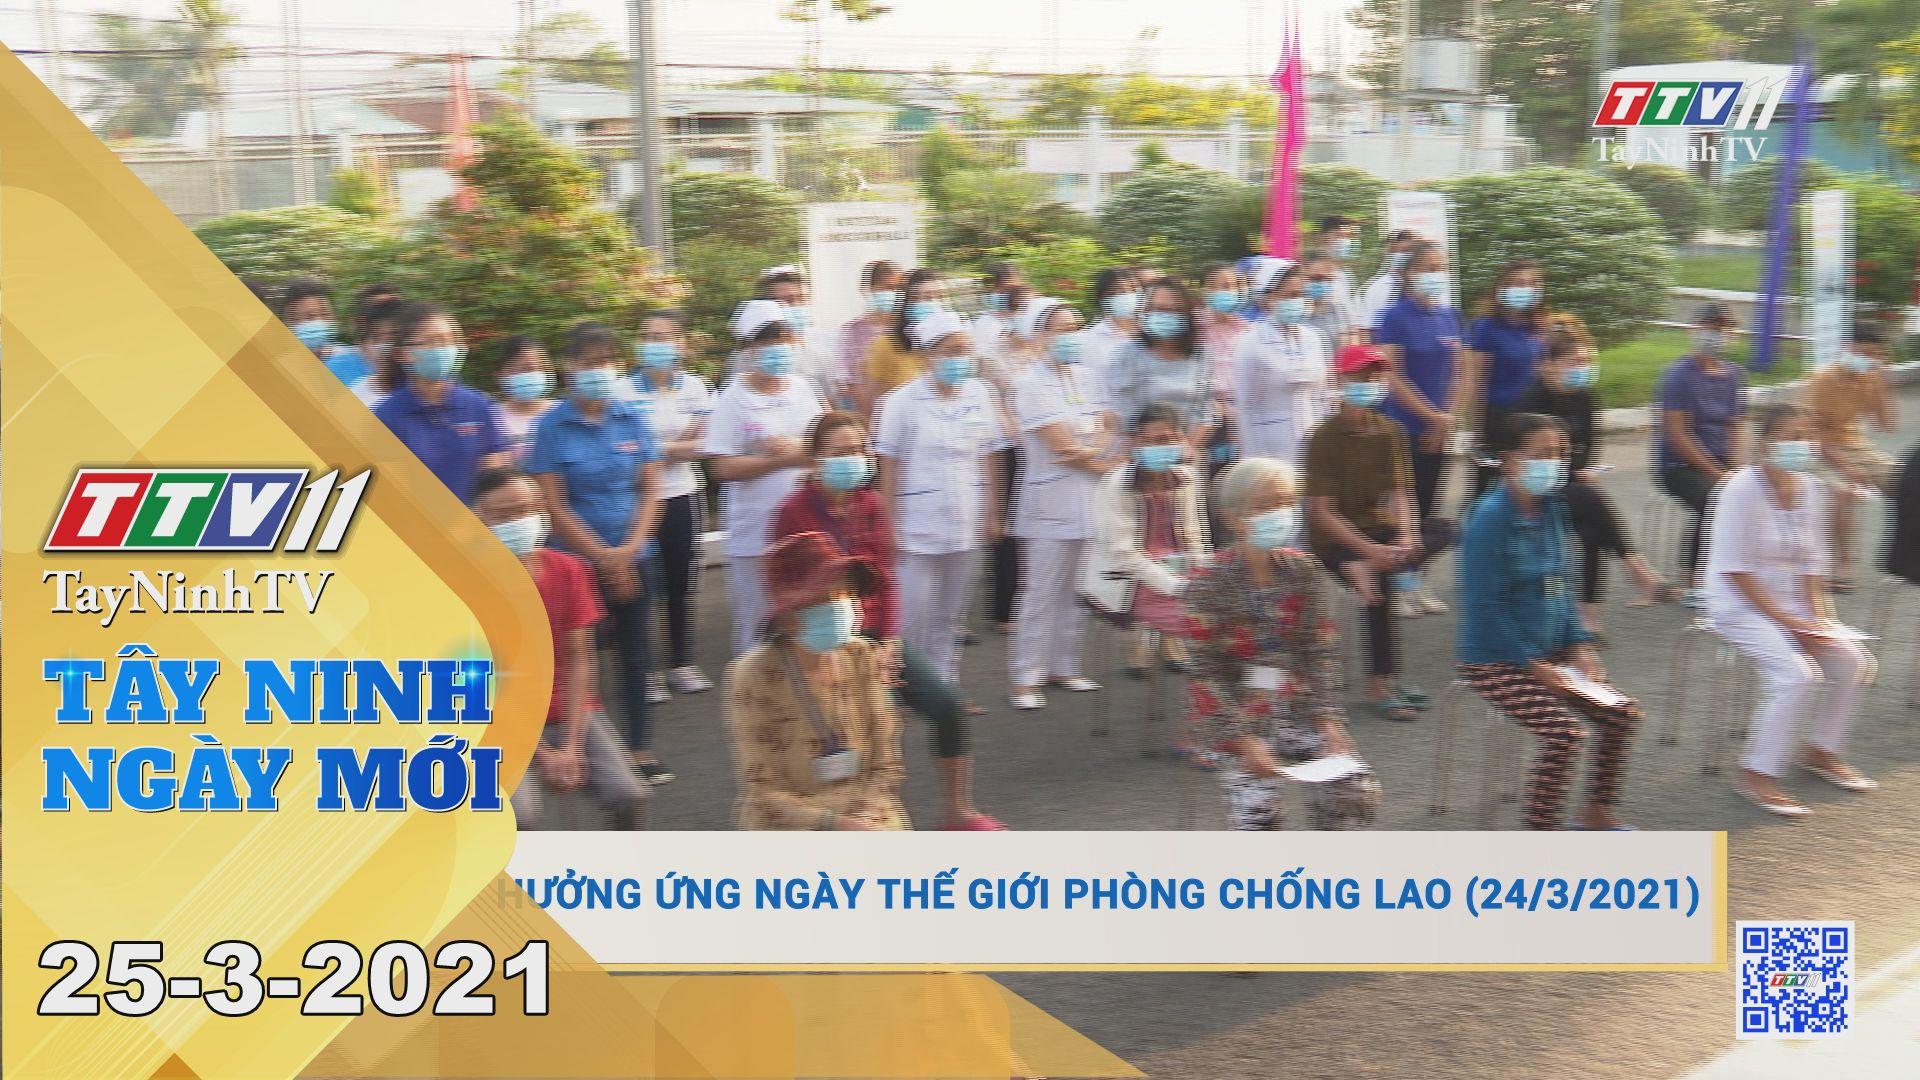 Tây Ninh Ngày Mới 25-3-2021 | Tin tức hôm nay | TayNinhTV